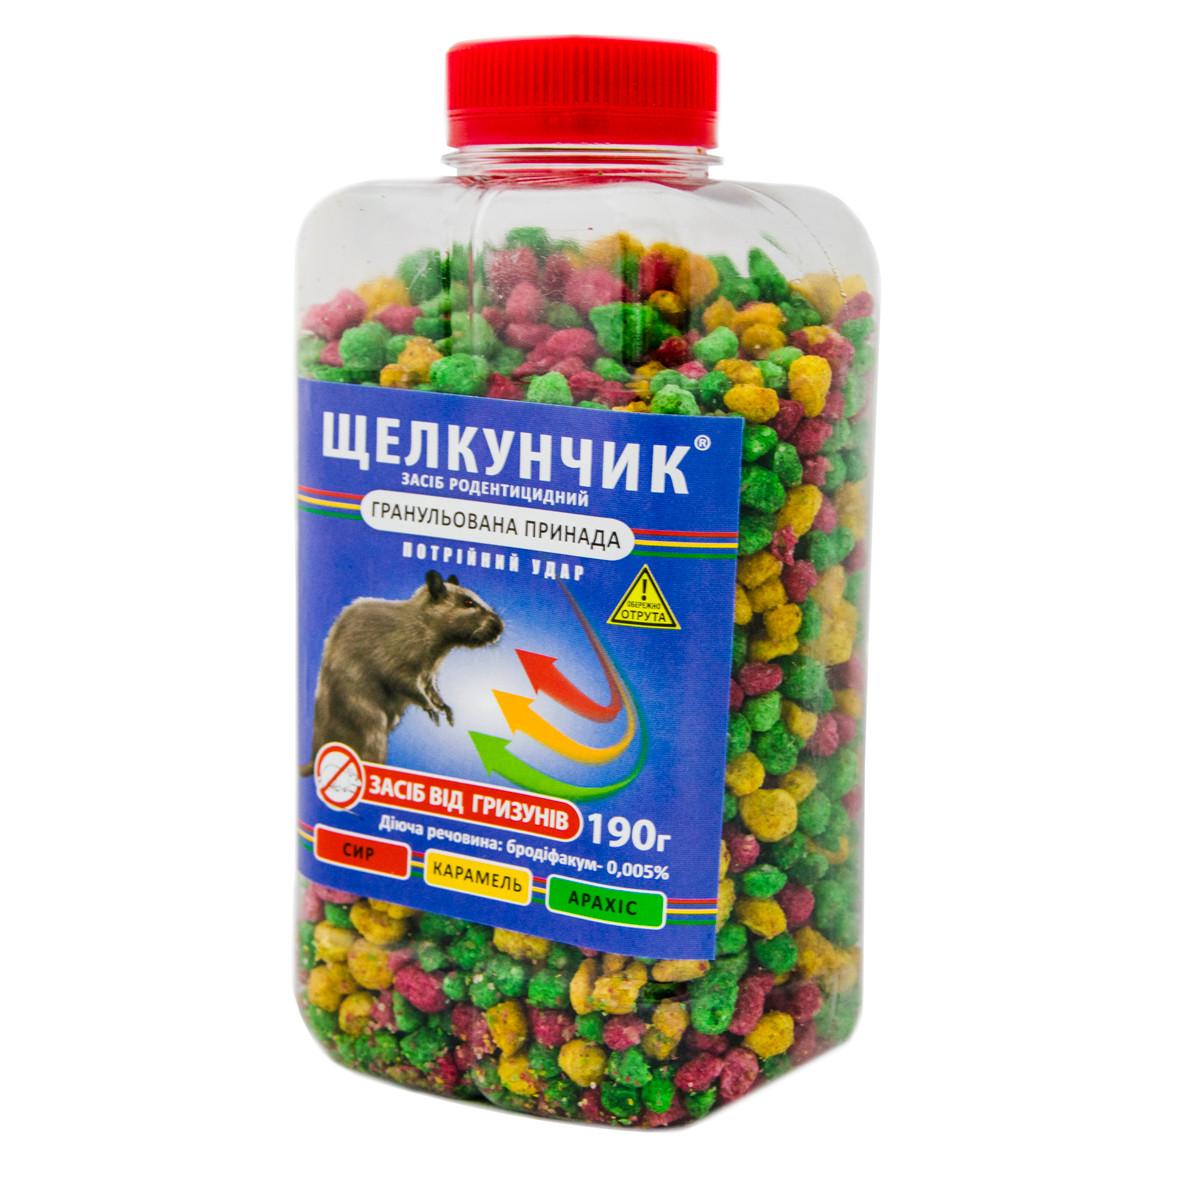 """Гранули потрійний удар """"Щелкунчик"""" ротендицит, отрута для гризунів, засіб від щурів, мишей (отрава для мышей)"""